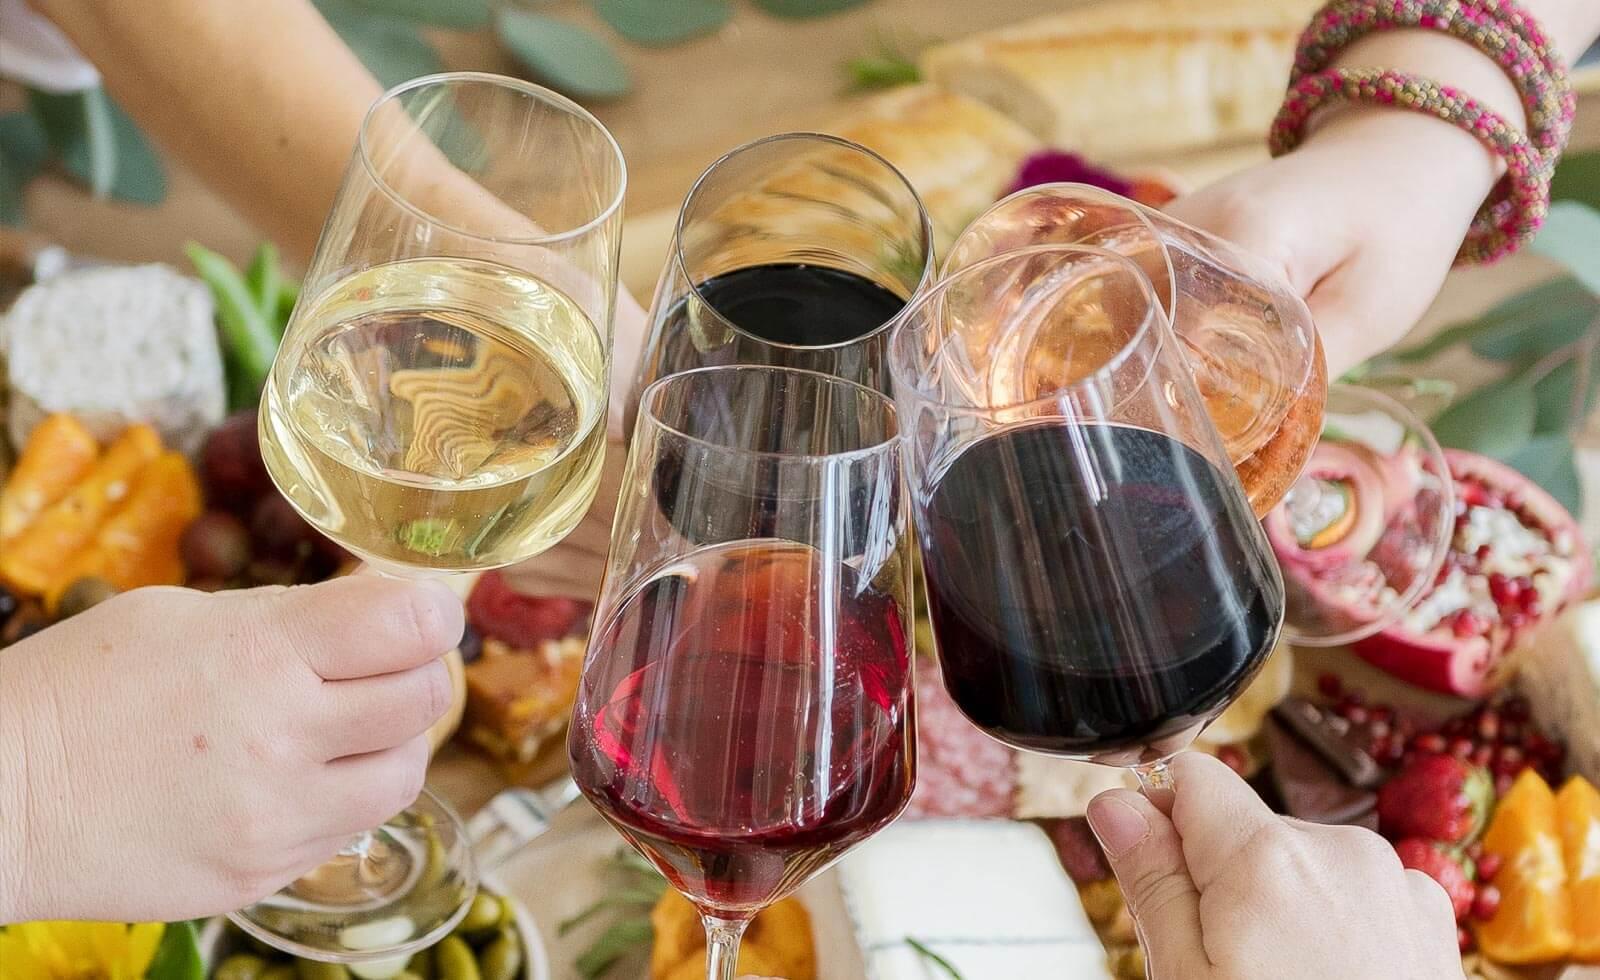 【カリフォルニアワイン初歩の初歩】ワインの色は味の違い。どうやって選ぶ?